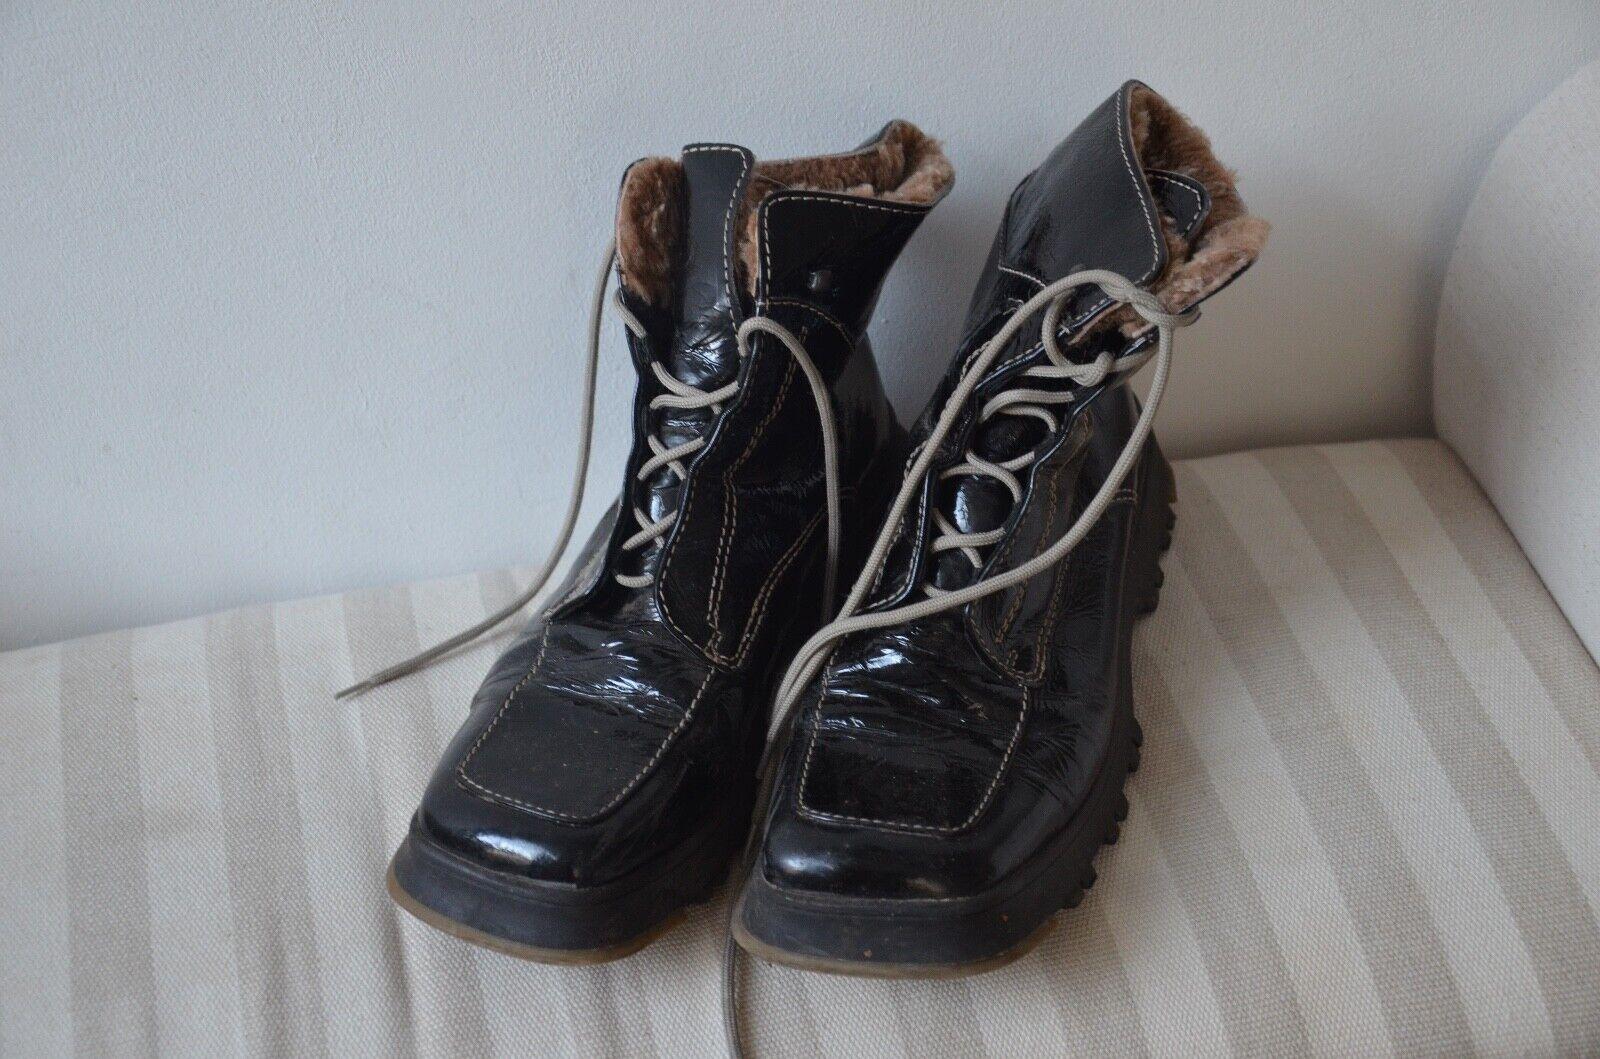 2018 Damen Schuhe Stiefel Stiefeletten Pumps Ankel Boots Schwarz weiß Gr:34-47